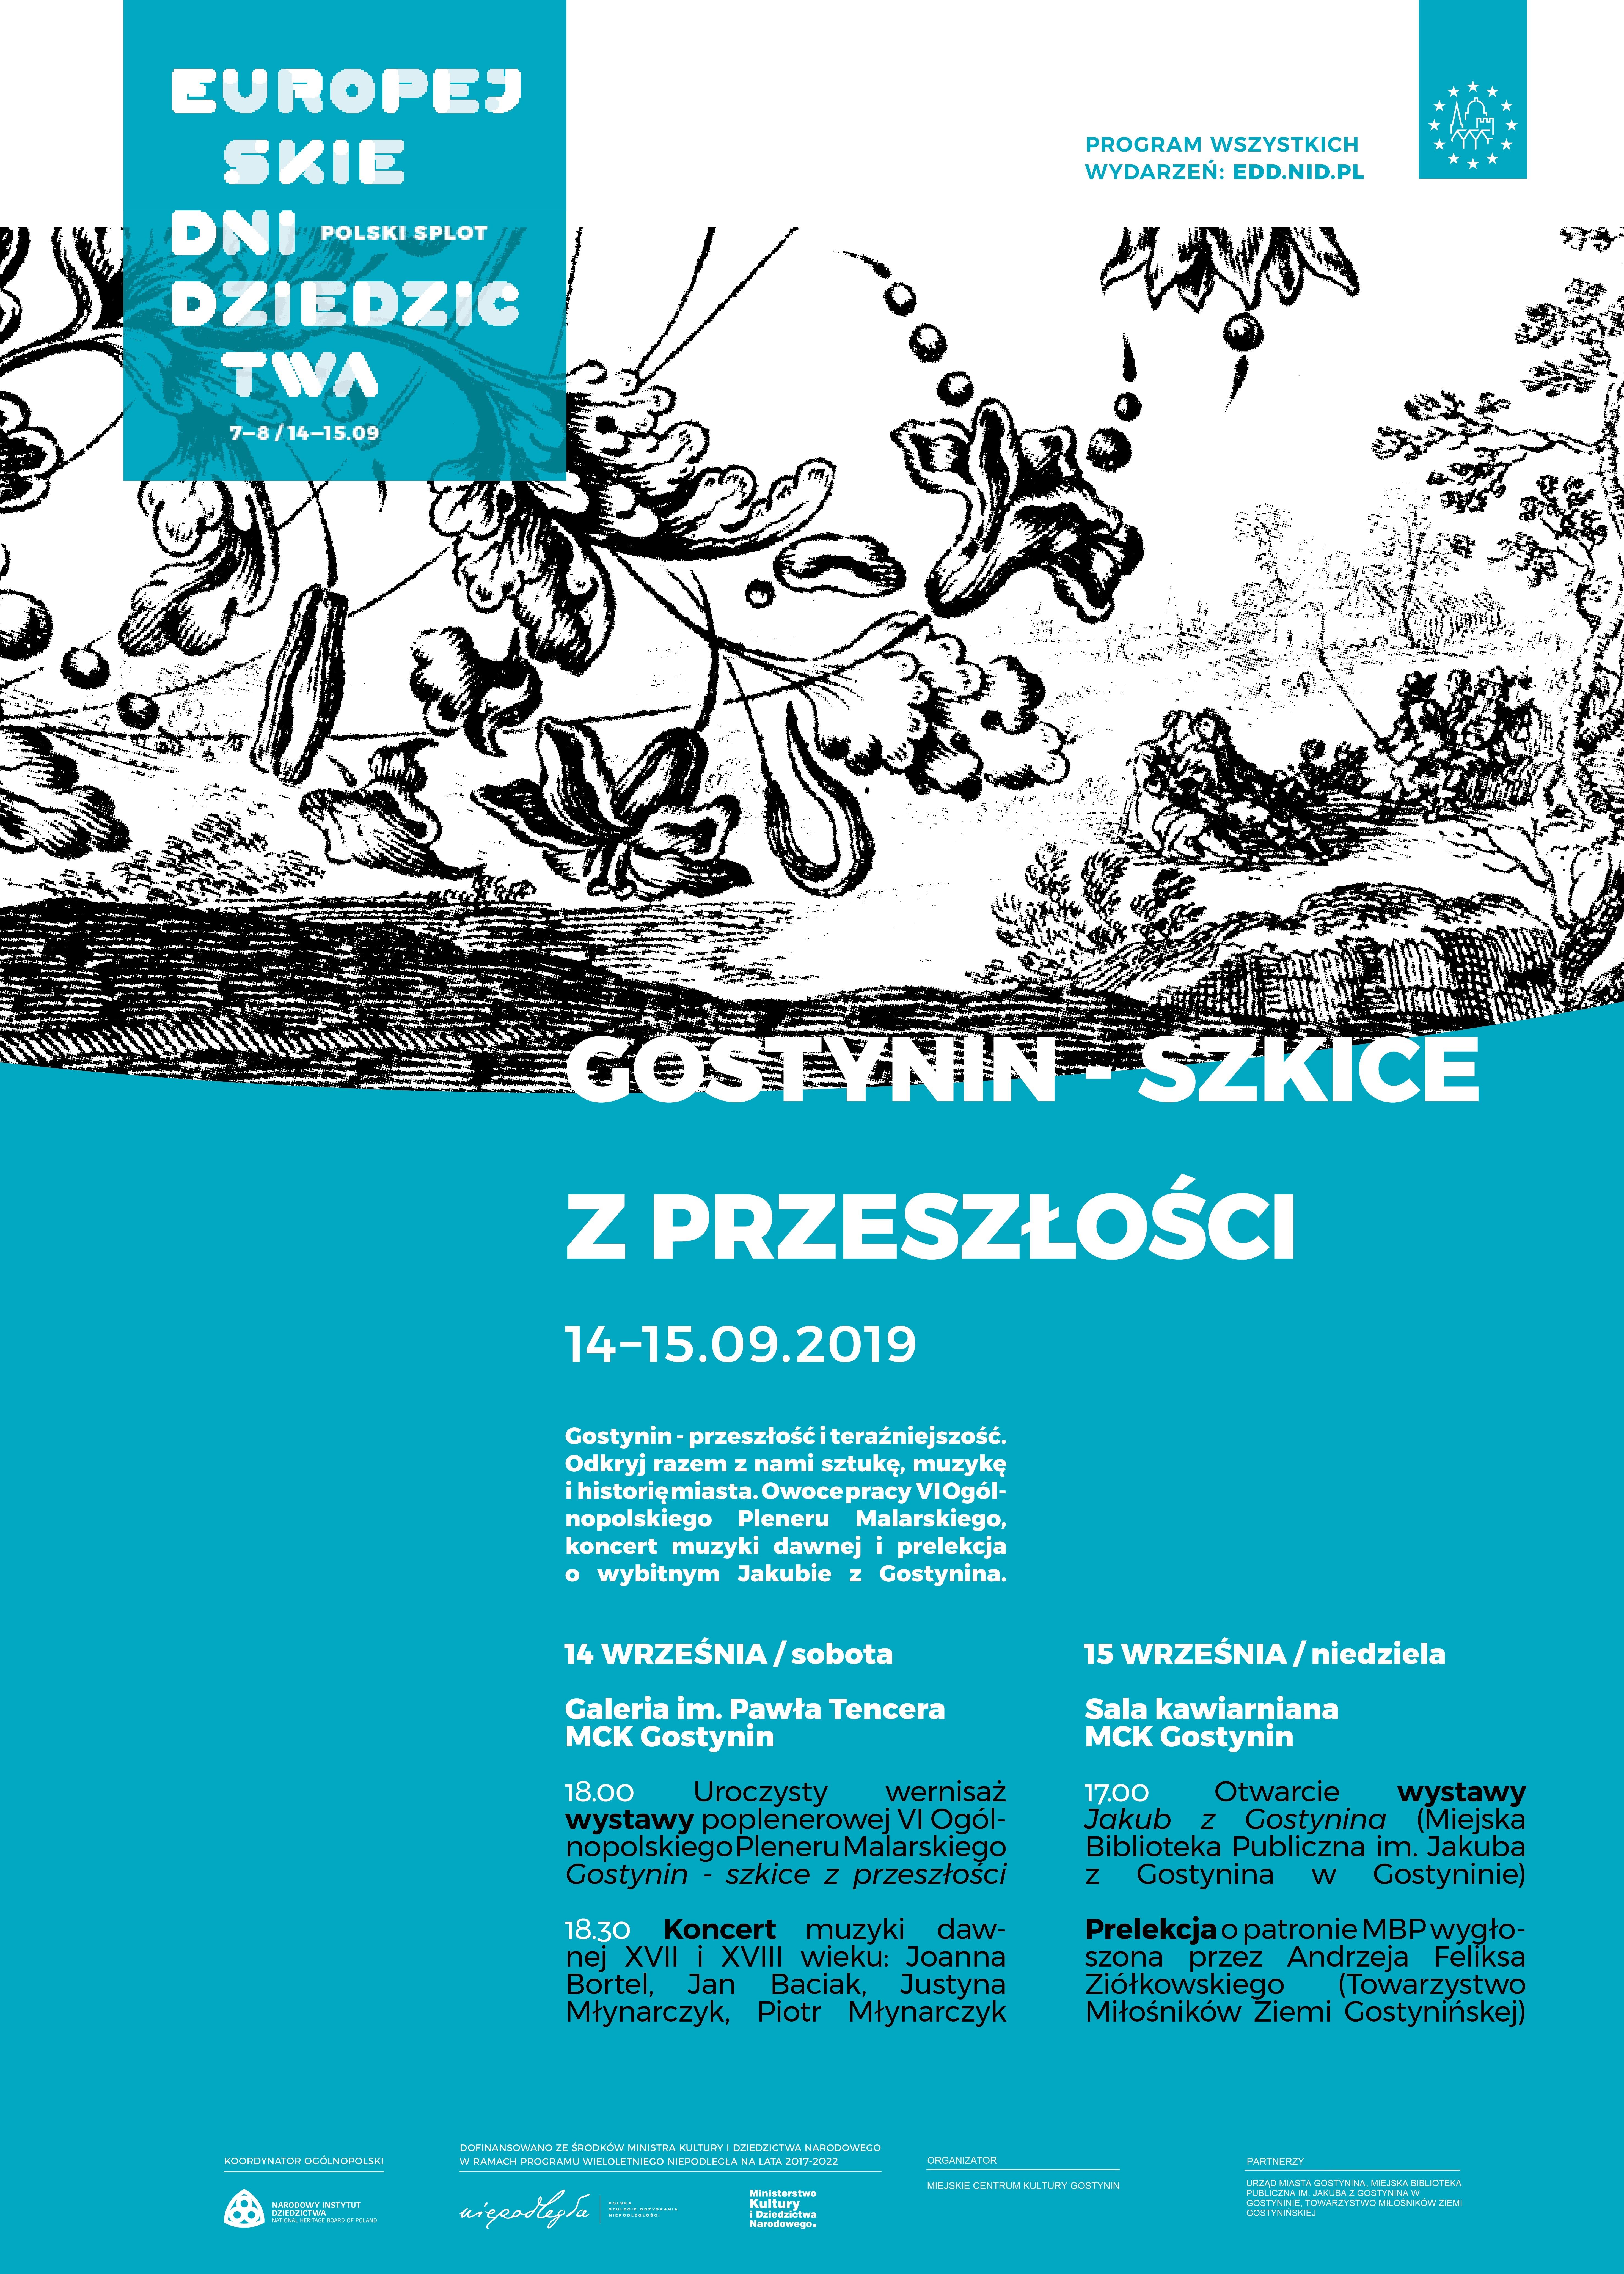 EUROPEJSKIE DNI DZIEDZICTWA 2019 – cz. II GOSTYNIN SZKICE Z PRZESZŁOŚCI